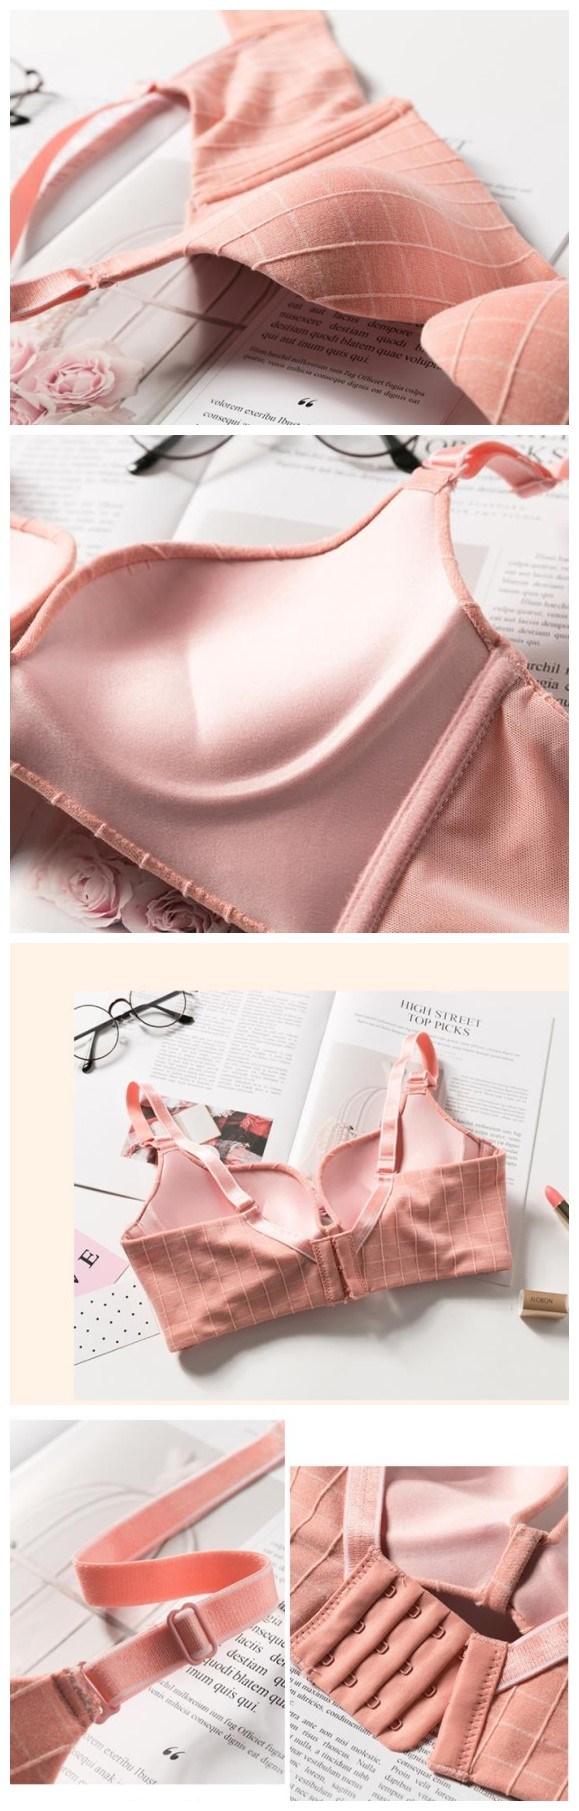 71e52d271 Sutiã de algodão sem costura Plaid adorável Senhoras Lingeries mulheres  roupas íntimas -Modle mostra- Detalhes de produtos --